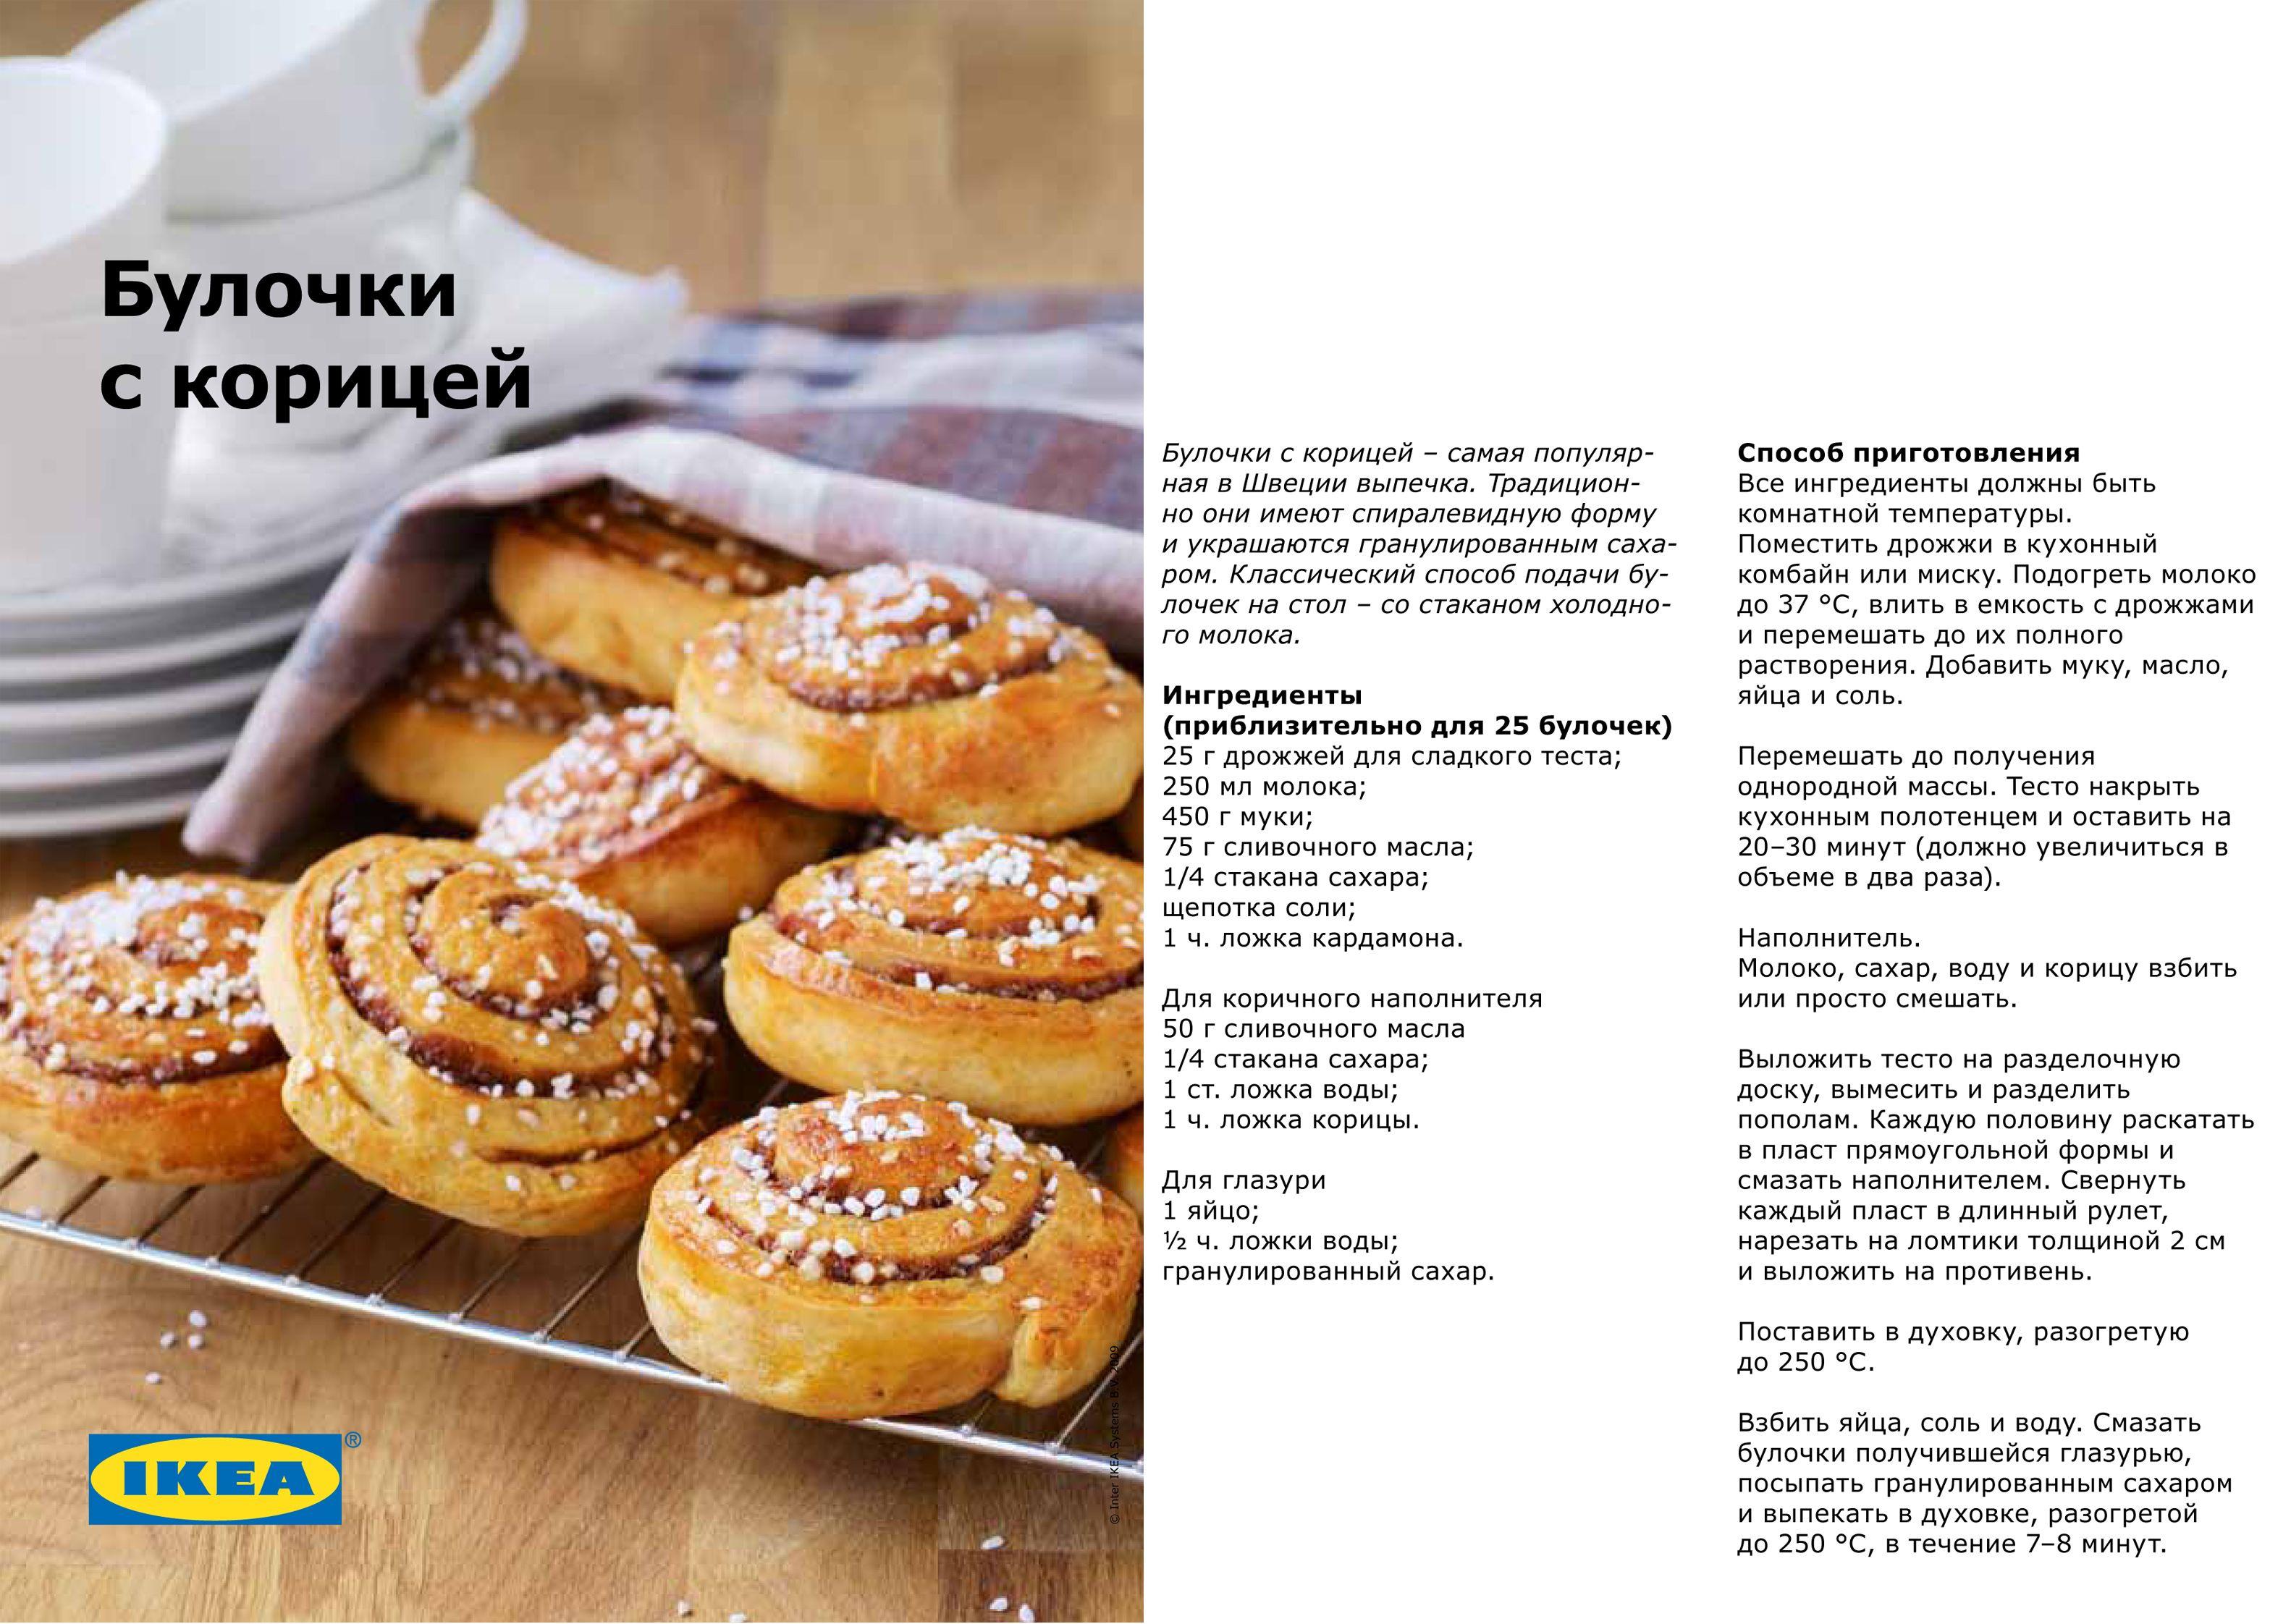 Датская выпечка из икеи рецепт